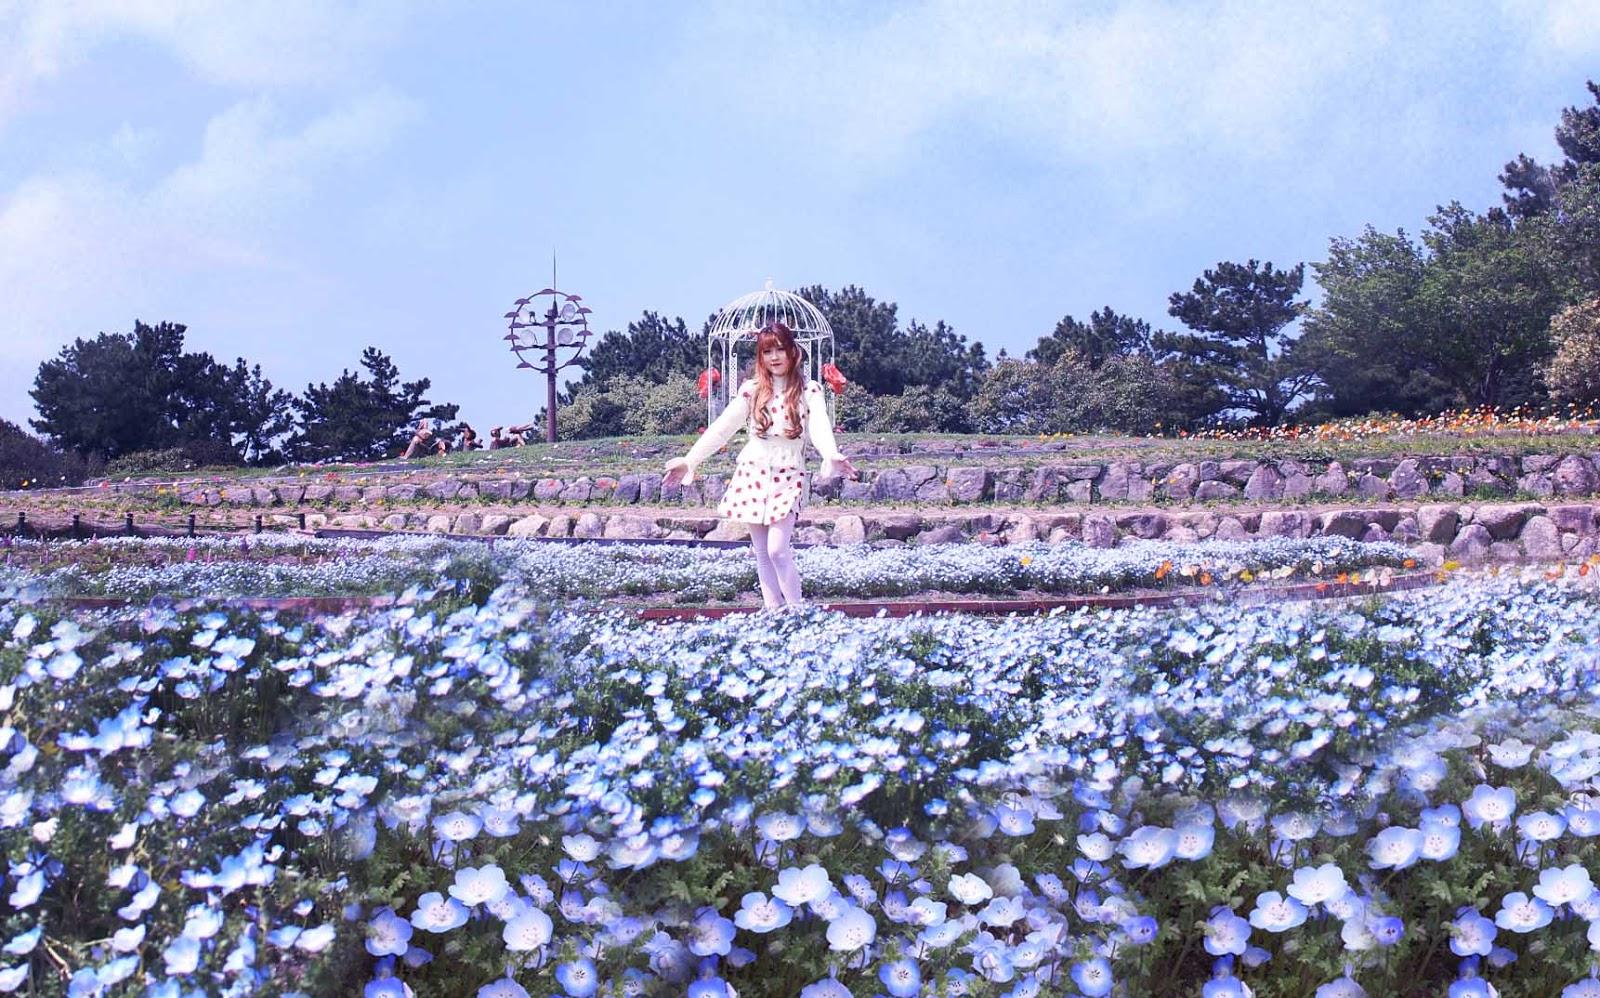 九州5天行程-福岡,門司,由布院,長崎,熊本